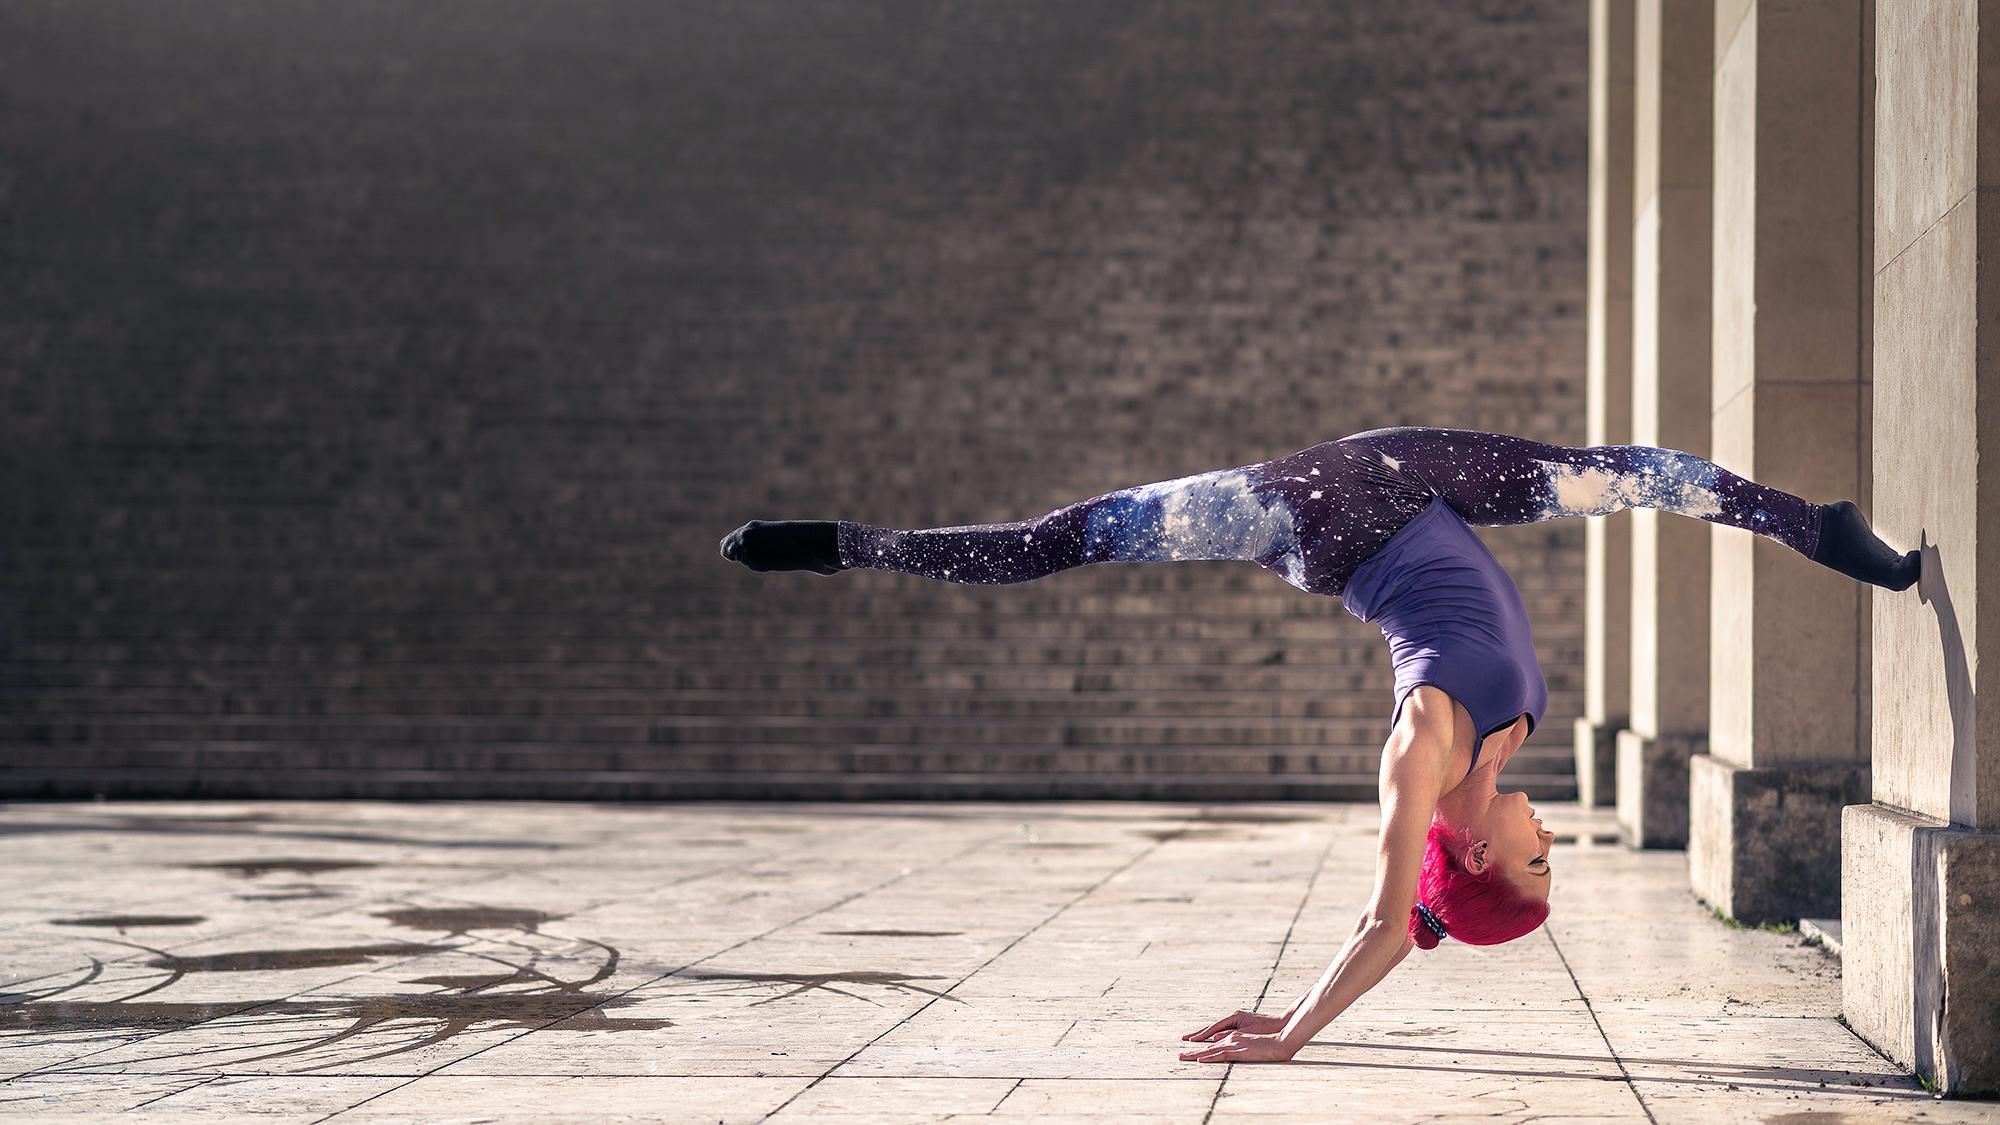 внесении гимнастки в широких майках видео для фотосессий, весёлая